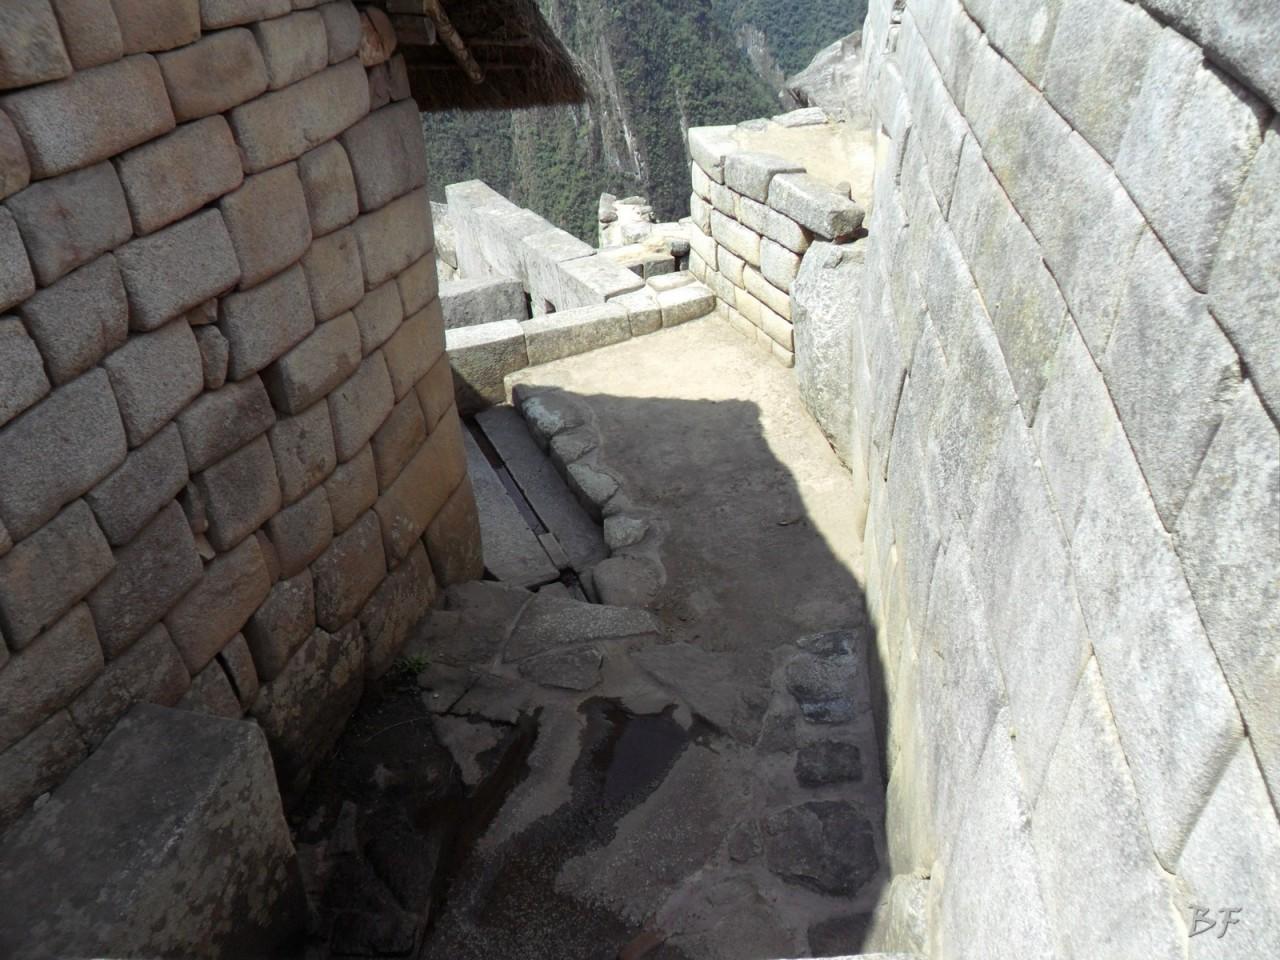 Mura-Poligonali-Incisioni-Altari-Edifici-Rupestri-Megaliti-Machu-Picchu-Aguas-Calientes-Urubamba-Cusco-Perù-1